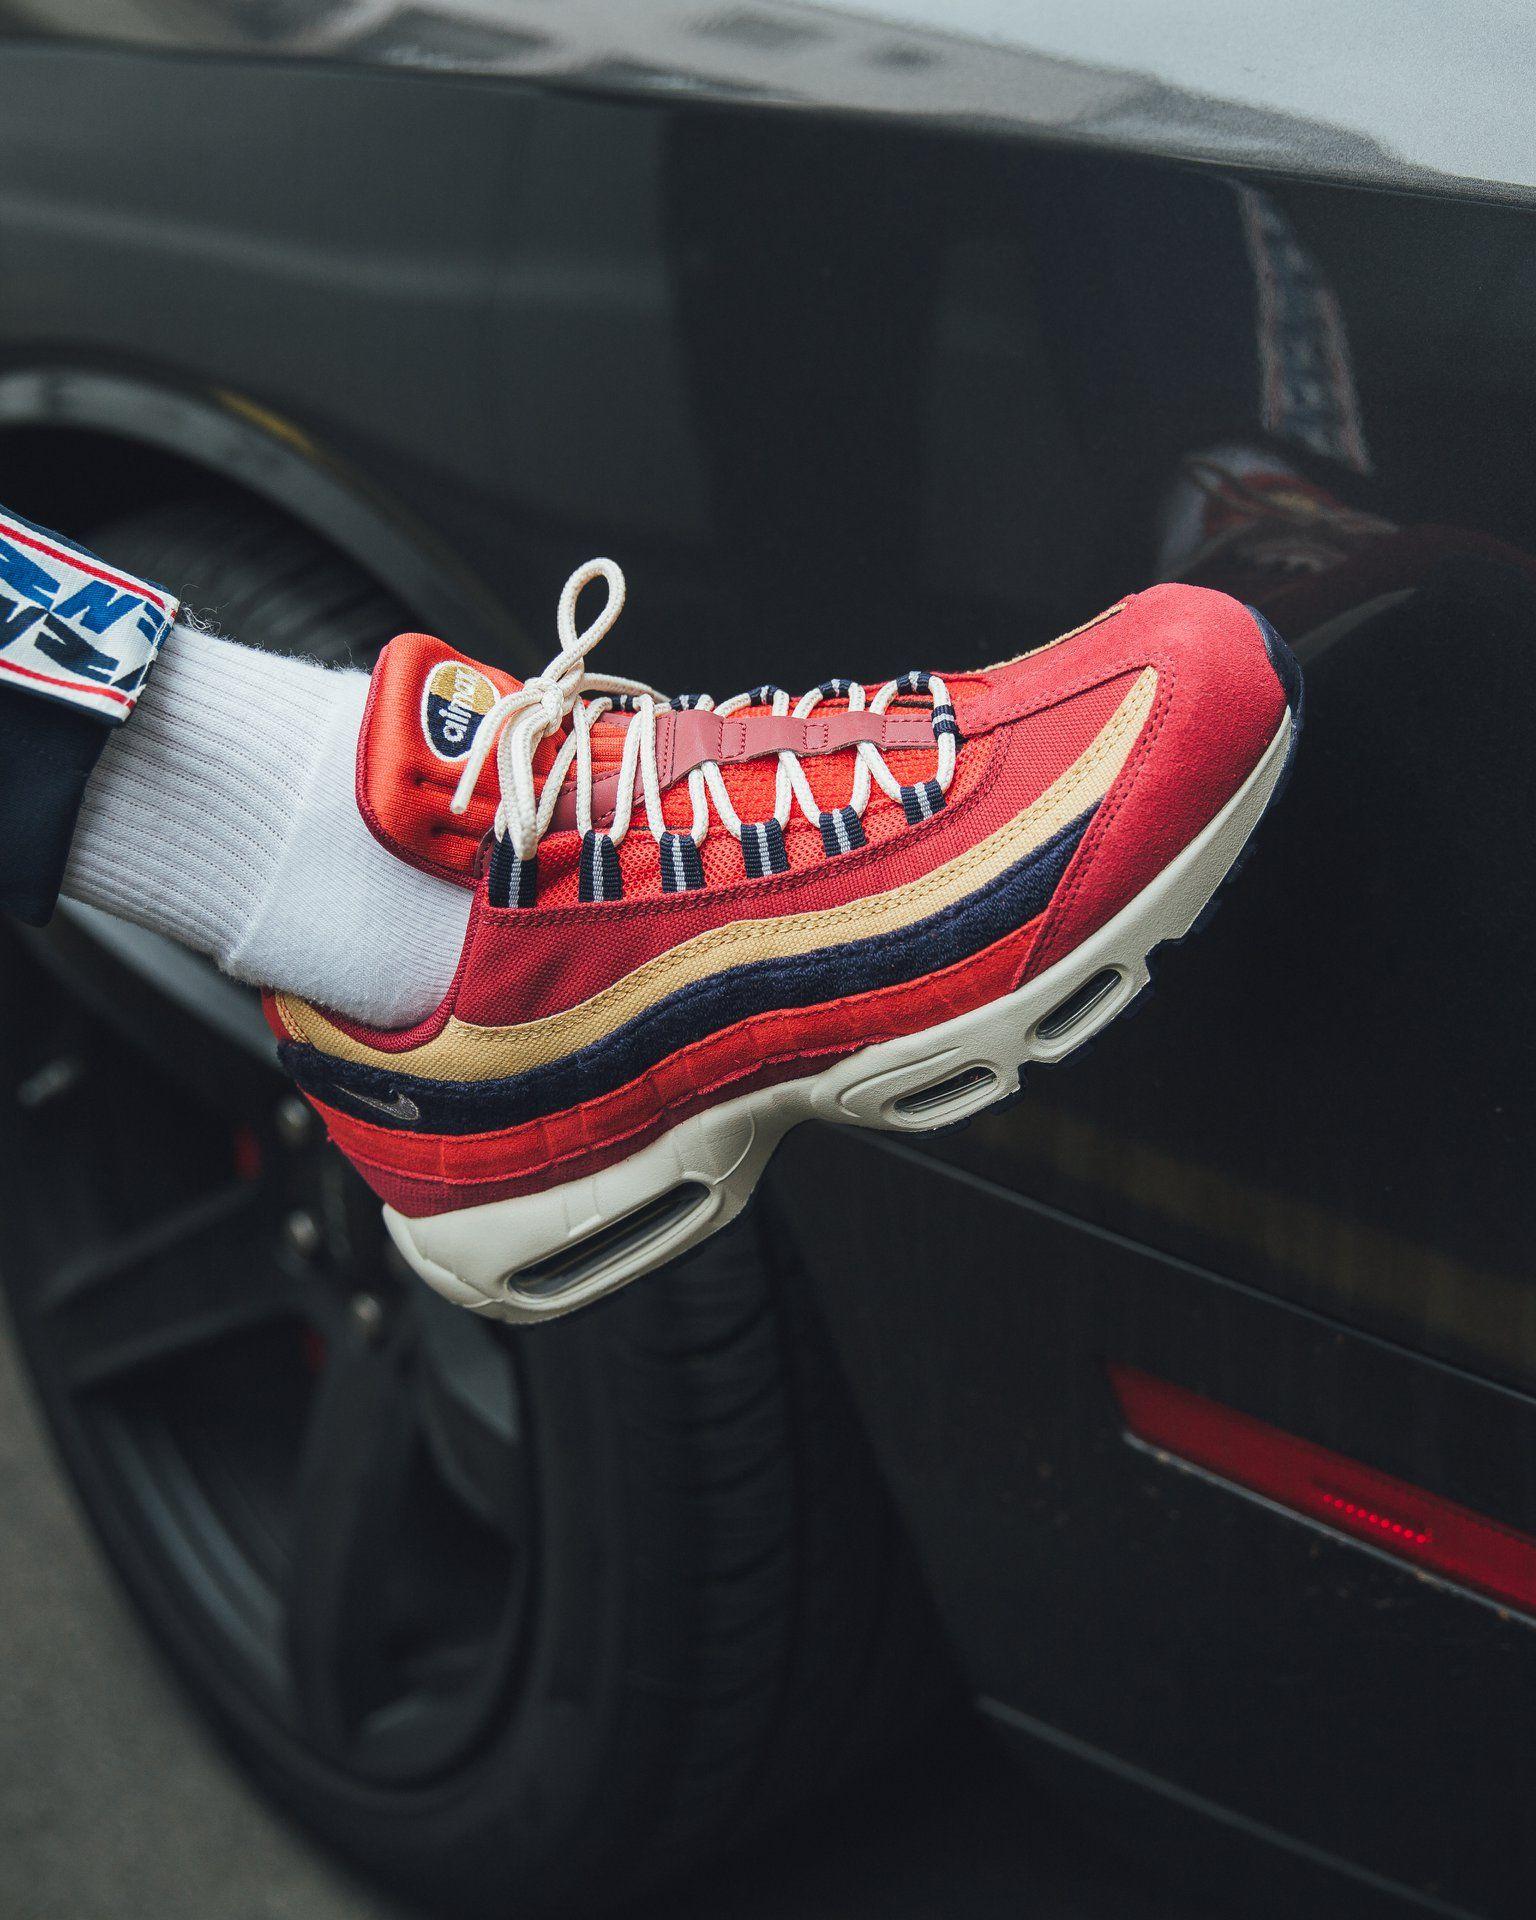 6fea4d9347 Nike Air Max 95 Premium